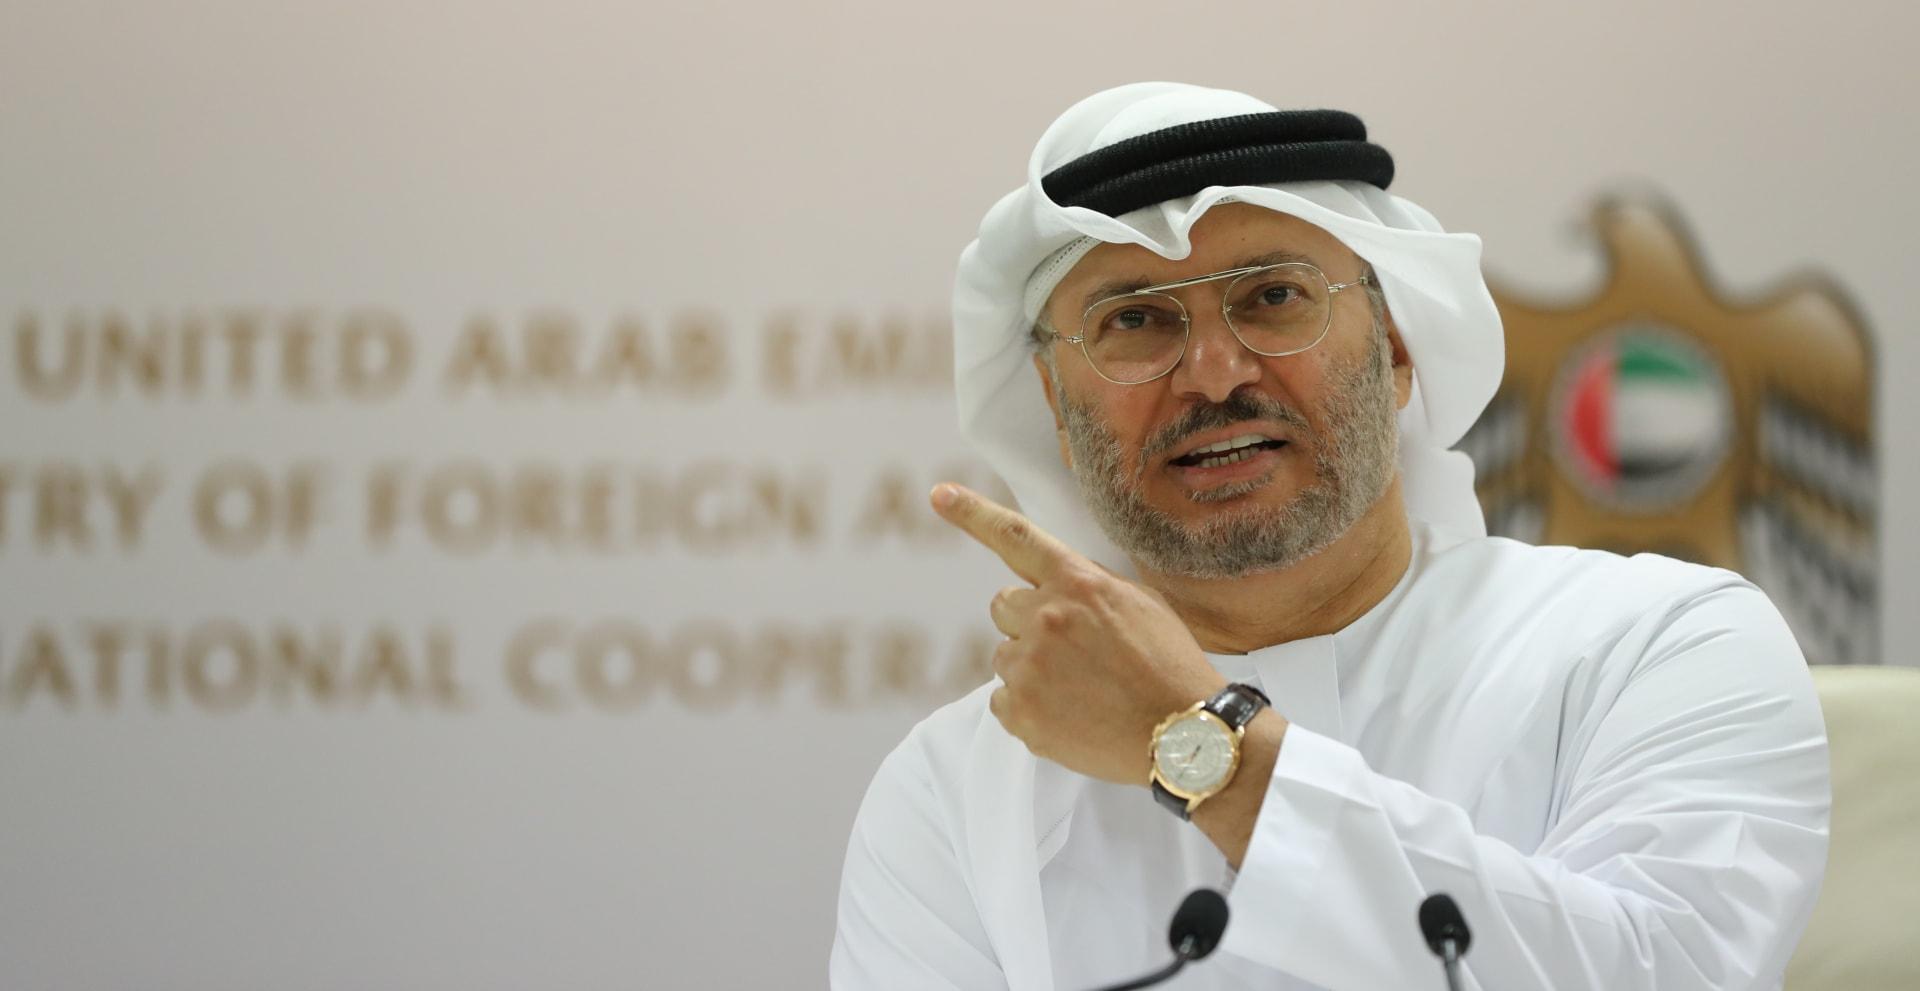 قرقاش: قطر تحولت إلى دولة القضية اليتيمة وتحتاج للتخلي عن نرجسيتها